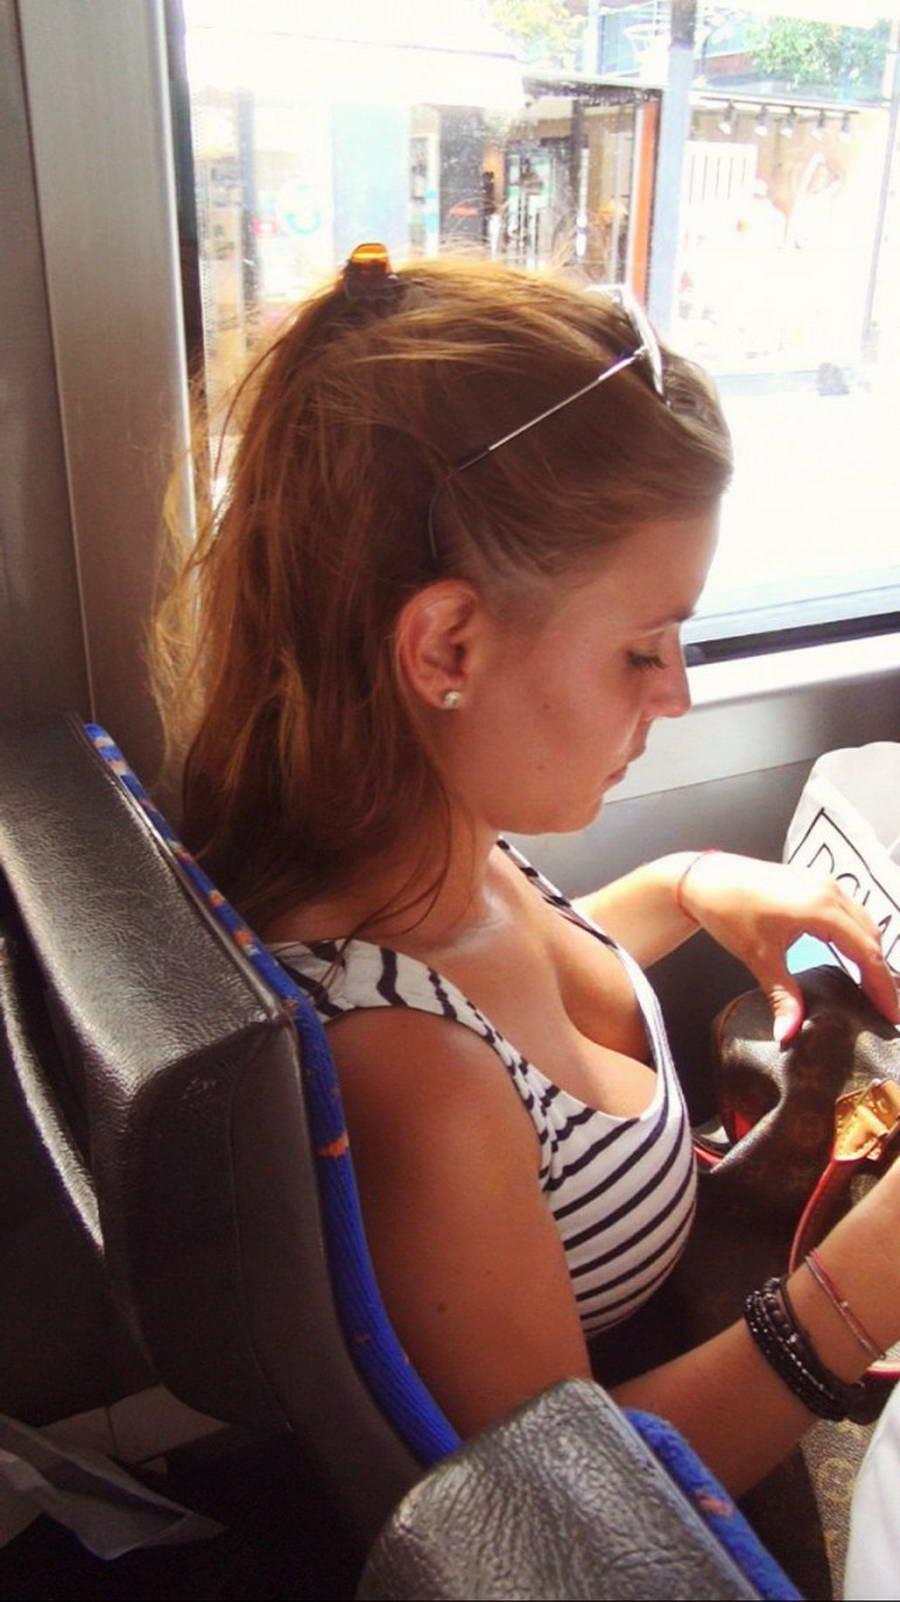 電車内で無防備すぎるおっぱいを撮影した画像。ガチの天国やったwwwwww(36枚)・9枚目